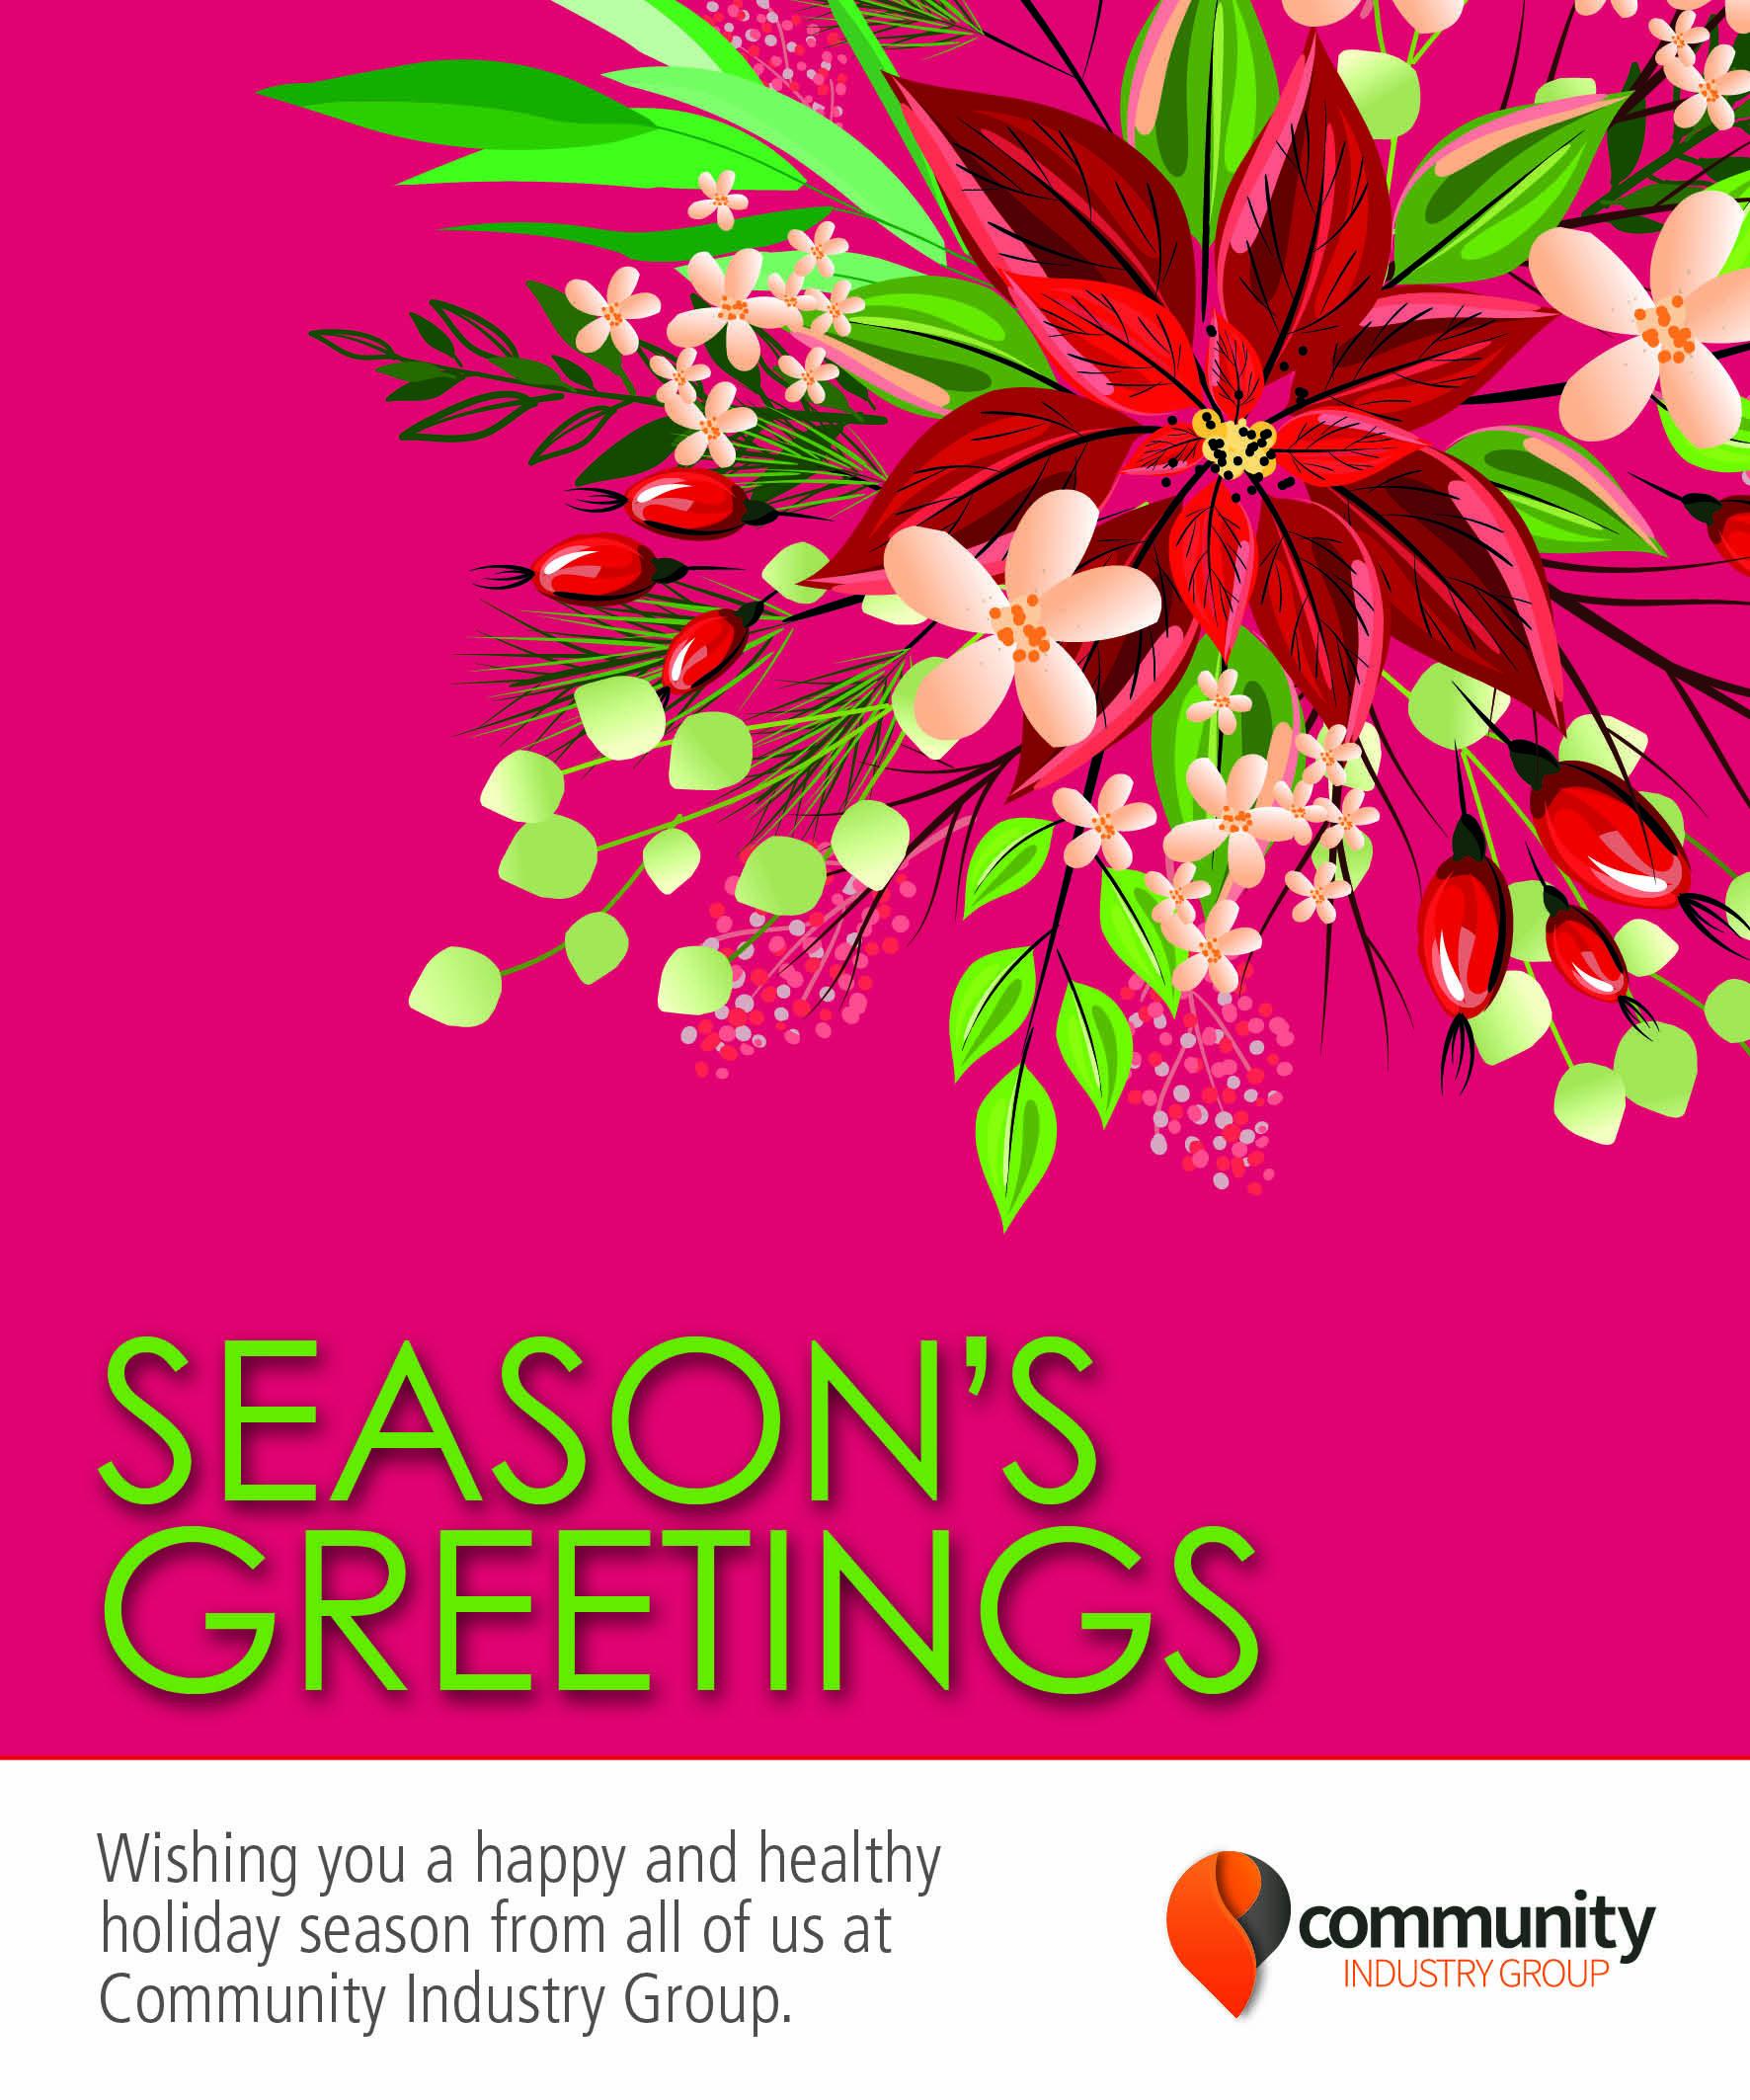 Season's Greetings - Community Industry Group